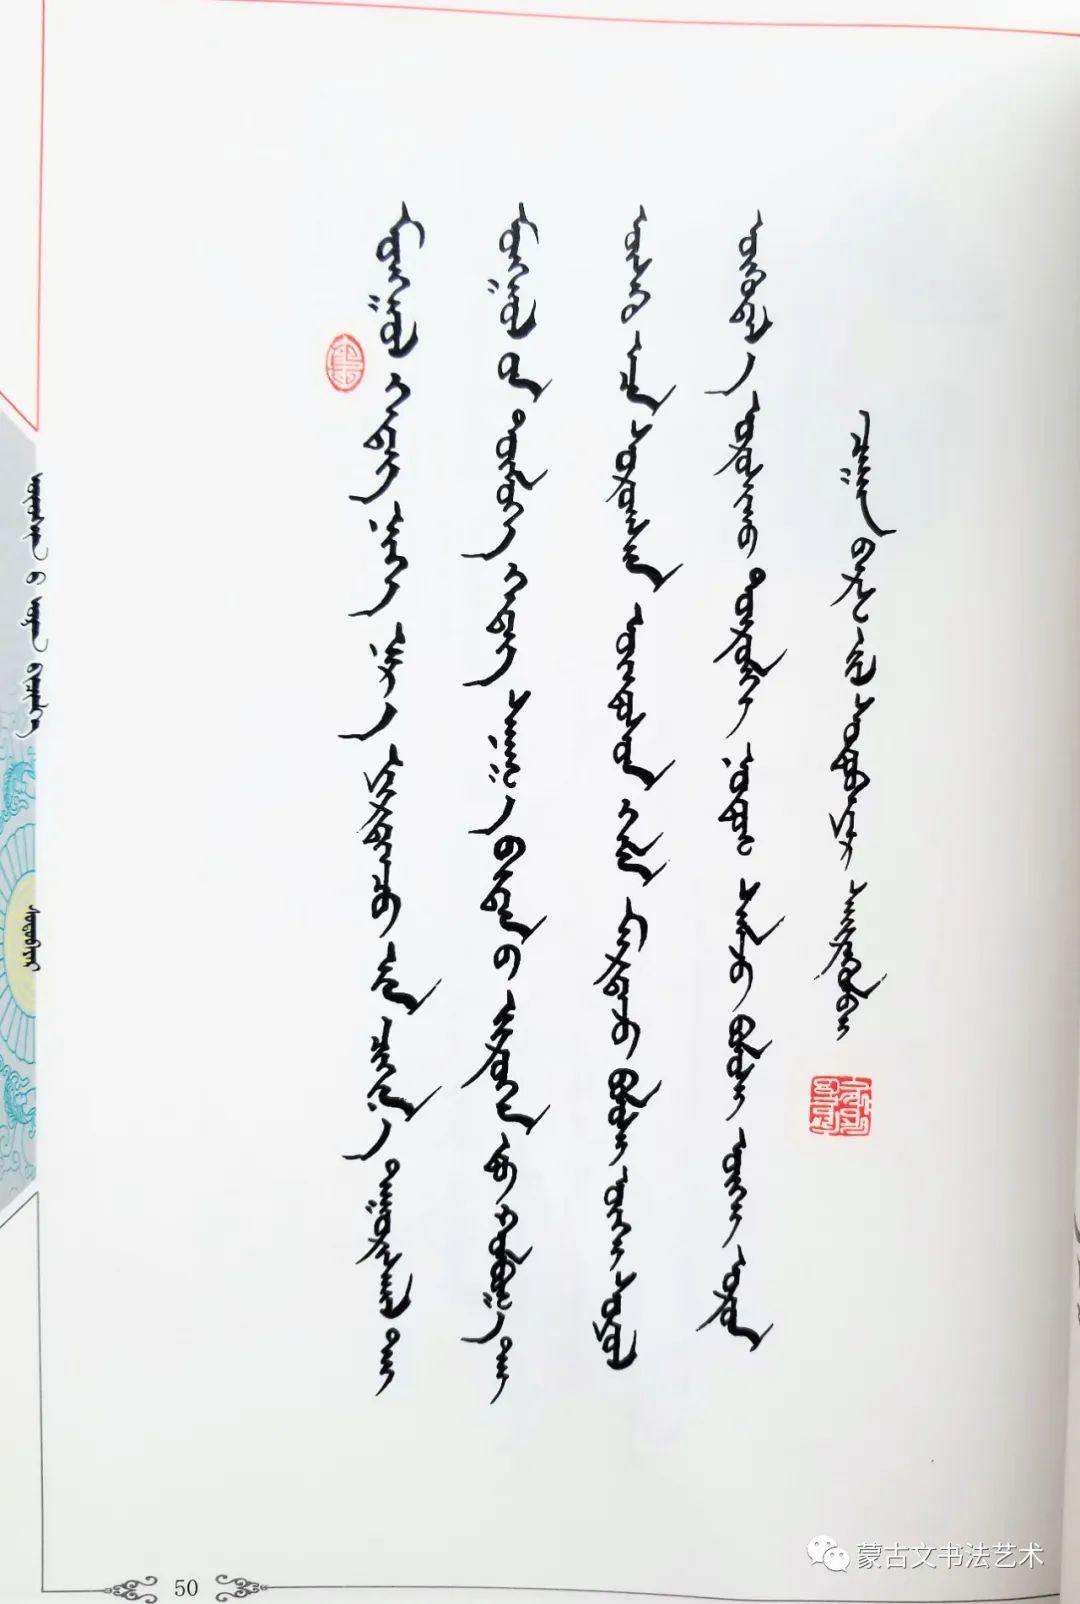 阿拉腾毕力格《乌审旗书法与篆刻精选》 第15张